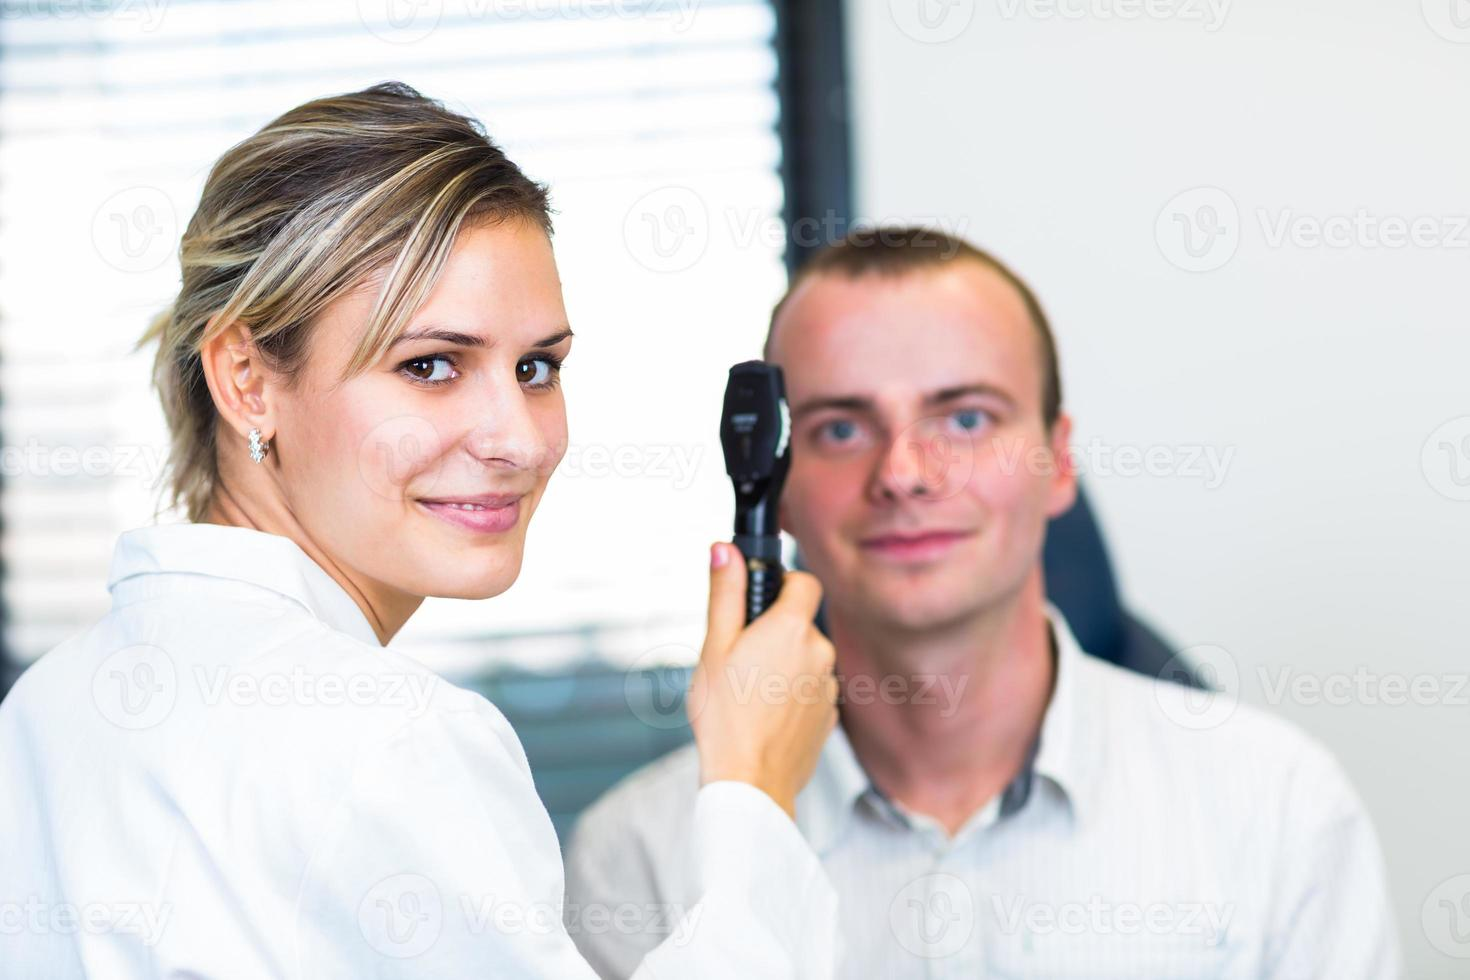 optometri koncept - ganska ung kvinna som har undersökt ögonen foto